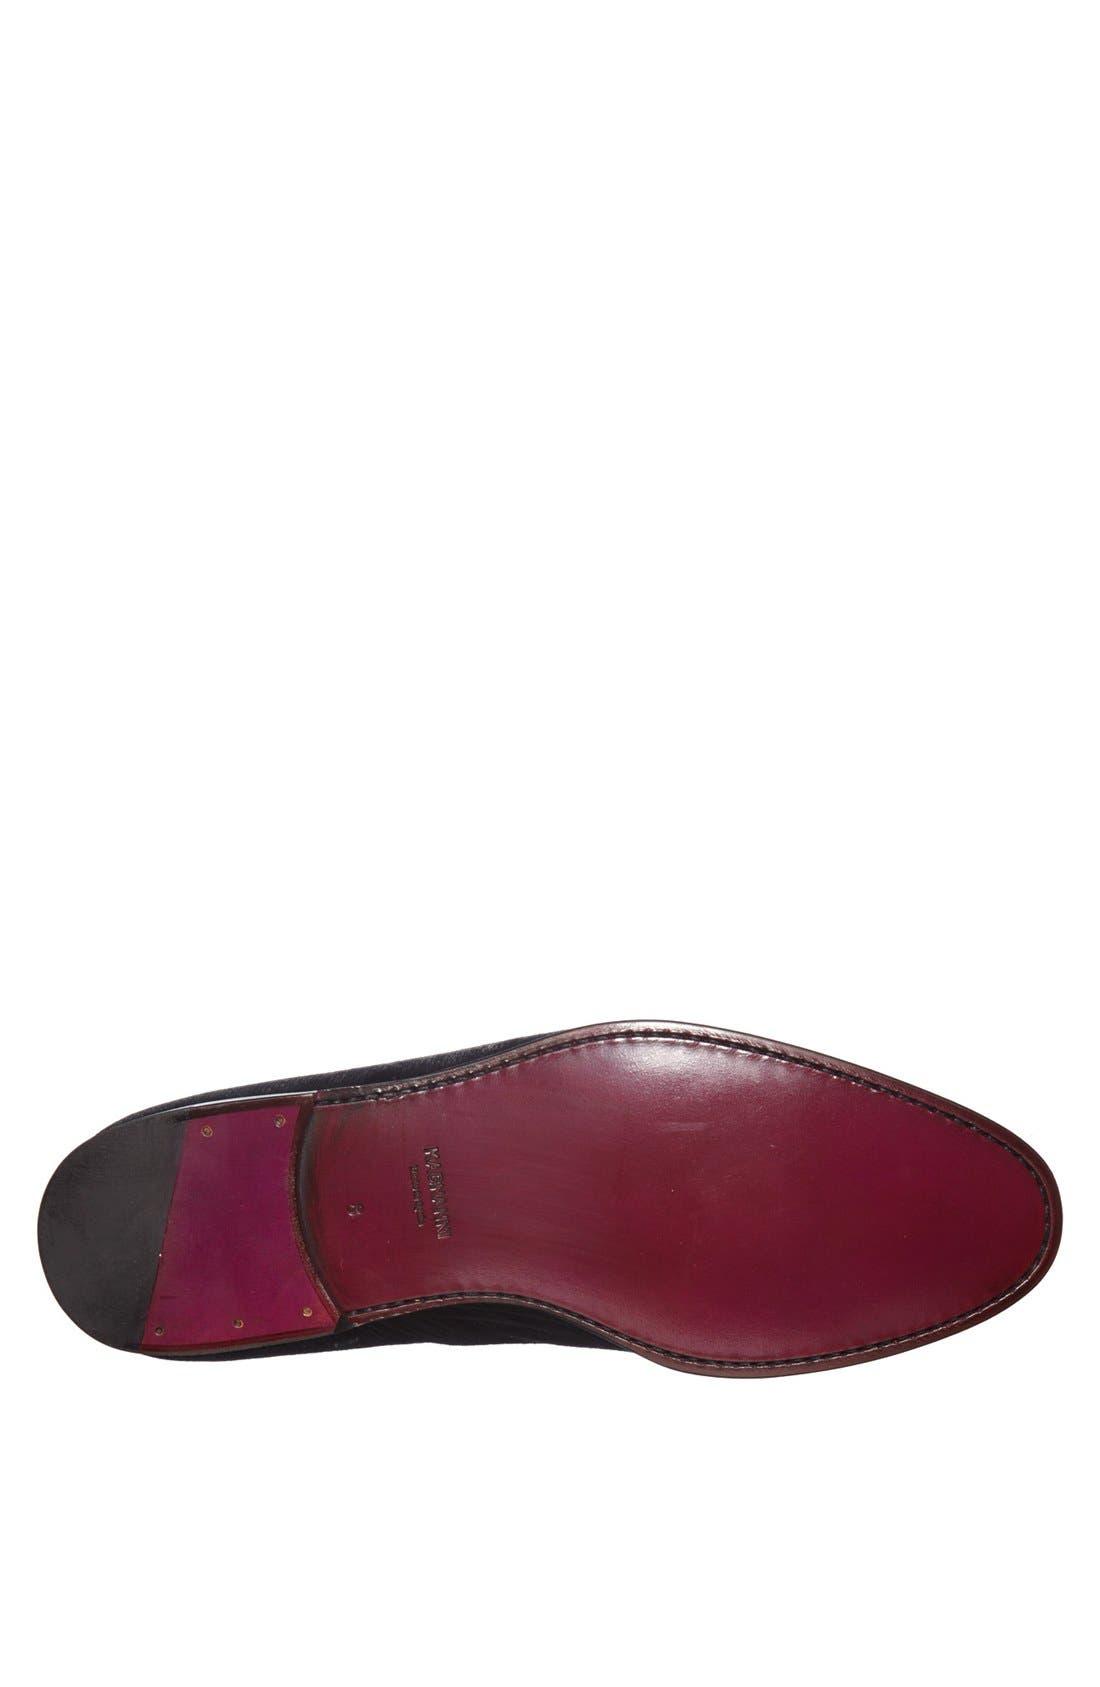 Alternate Image 4  - Magnanni 'Dorio' Velvet Venetian Loafer